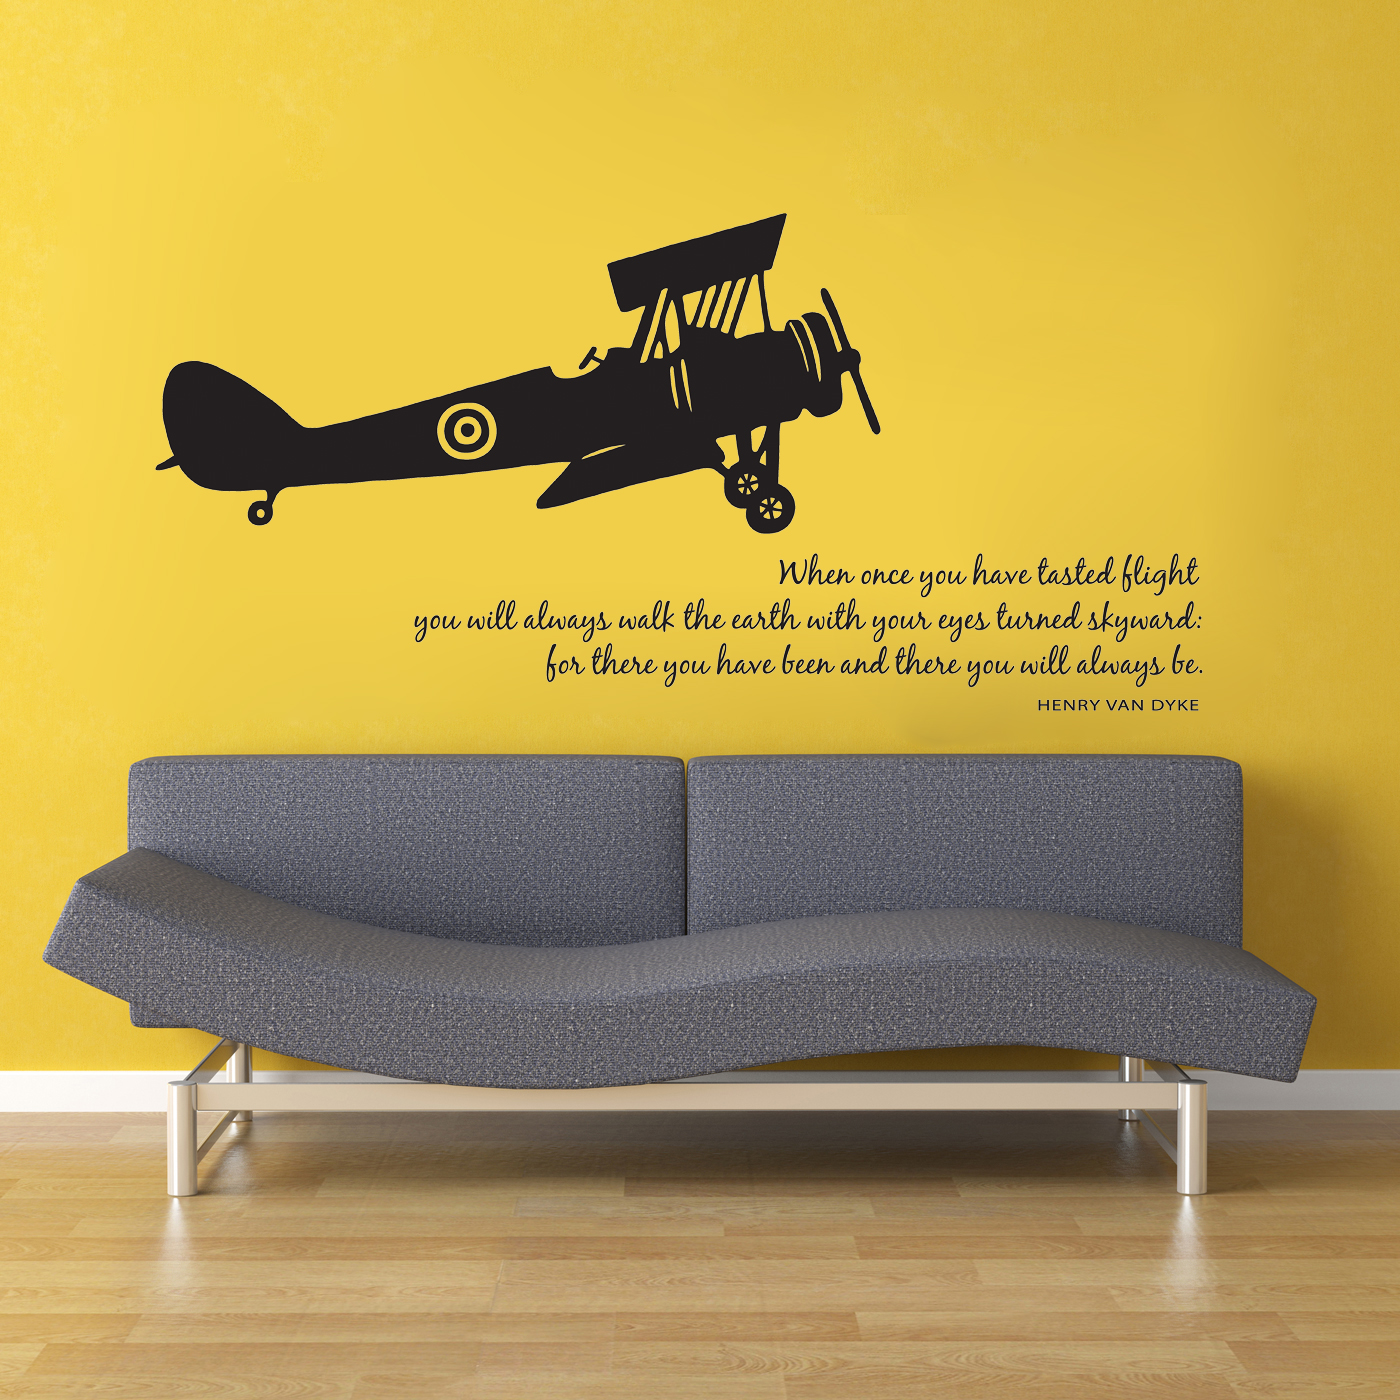 Plane quote #1